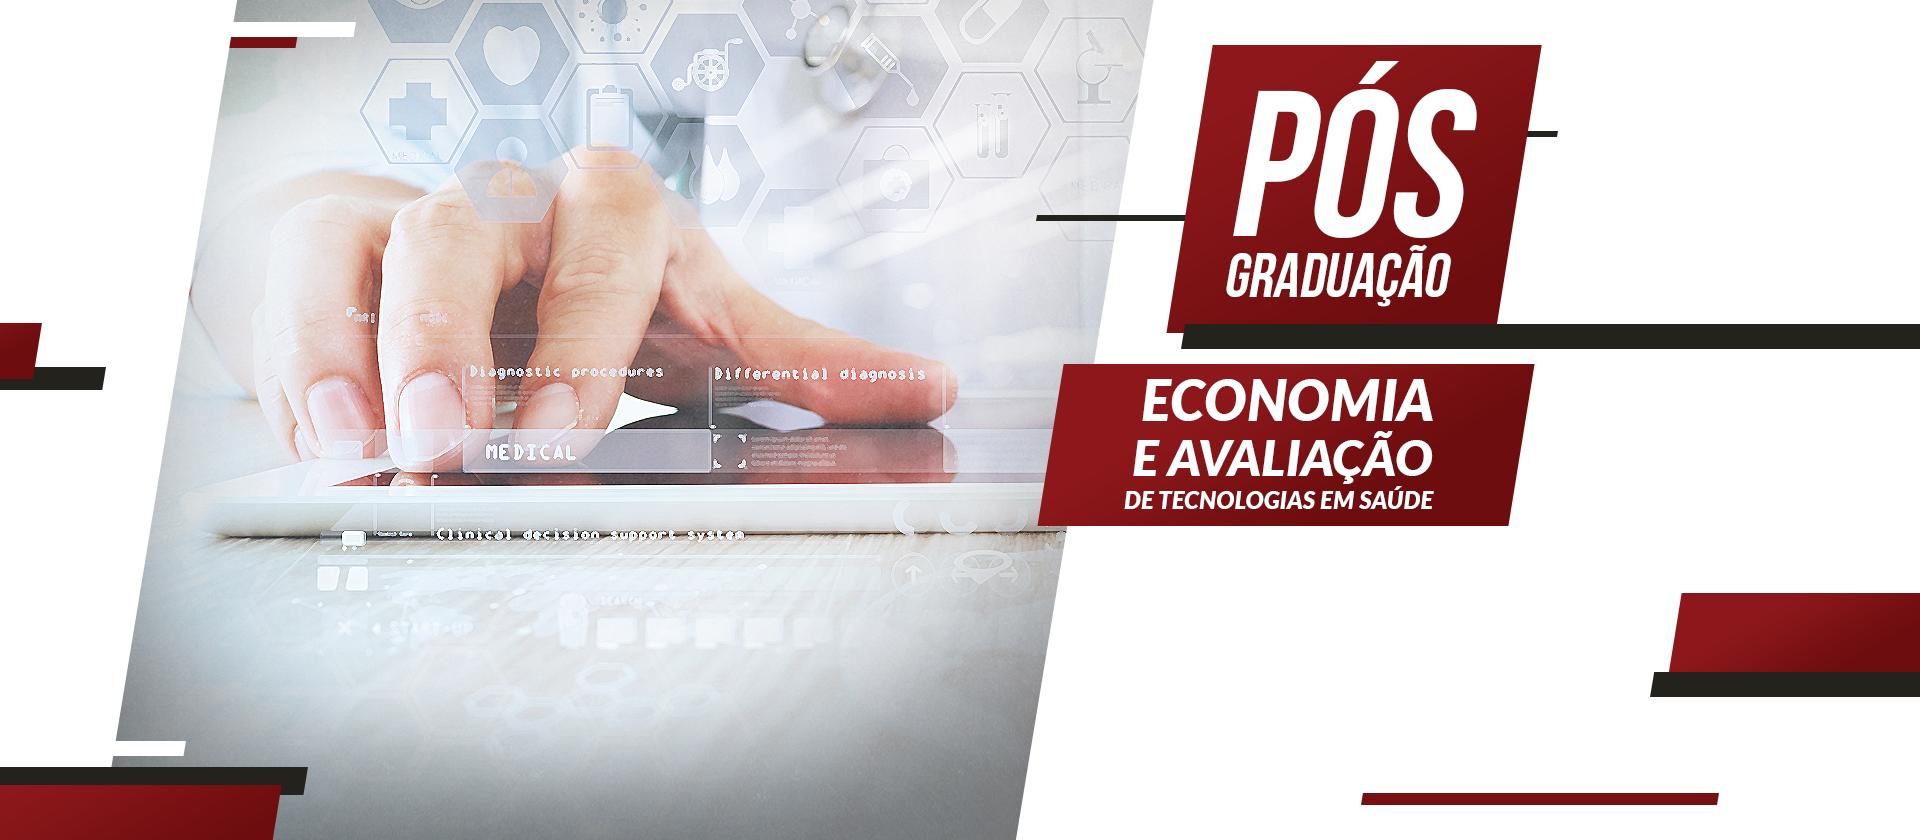 Economia e Avaliação de Tecnologias em Saúde